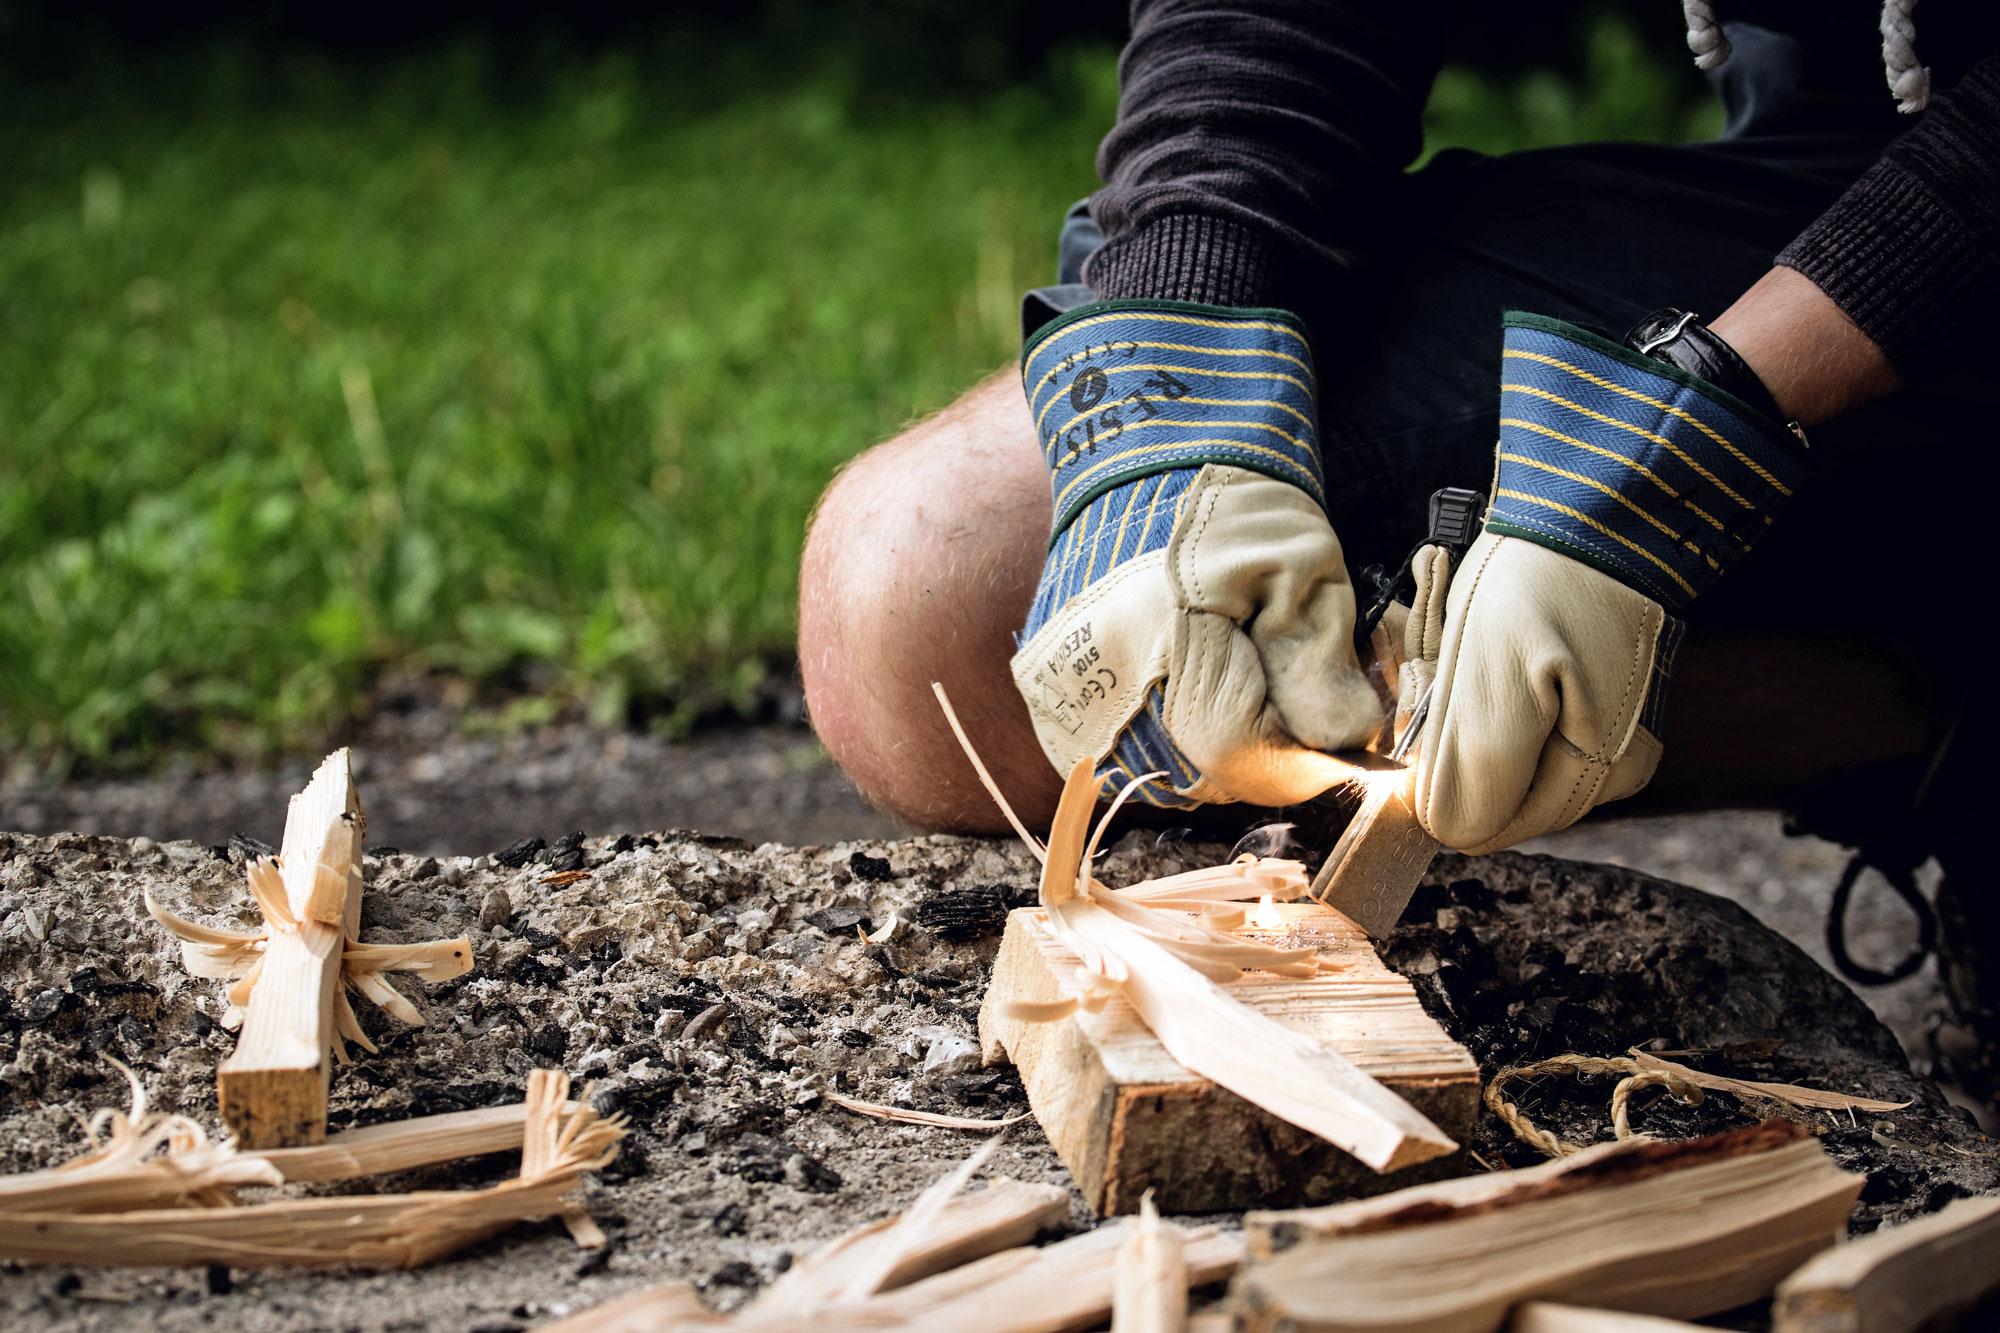 Mit Hilfe eines Feuerstahls und gutem Zunder ist das Feuer schnell entzündet © pixabay